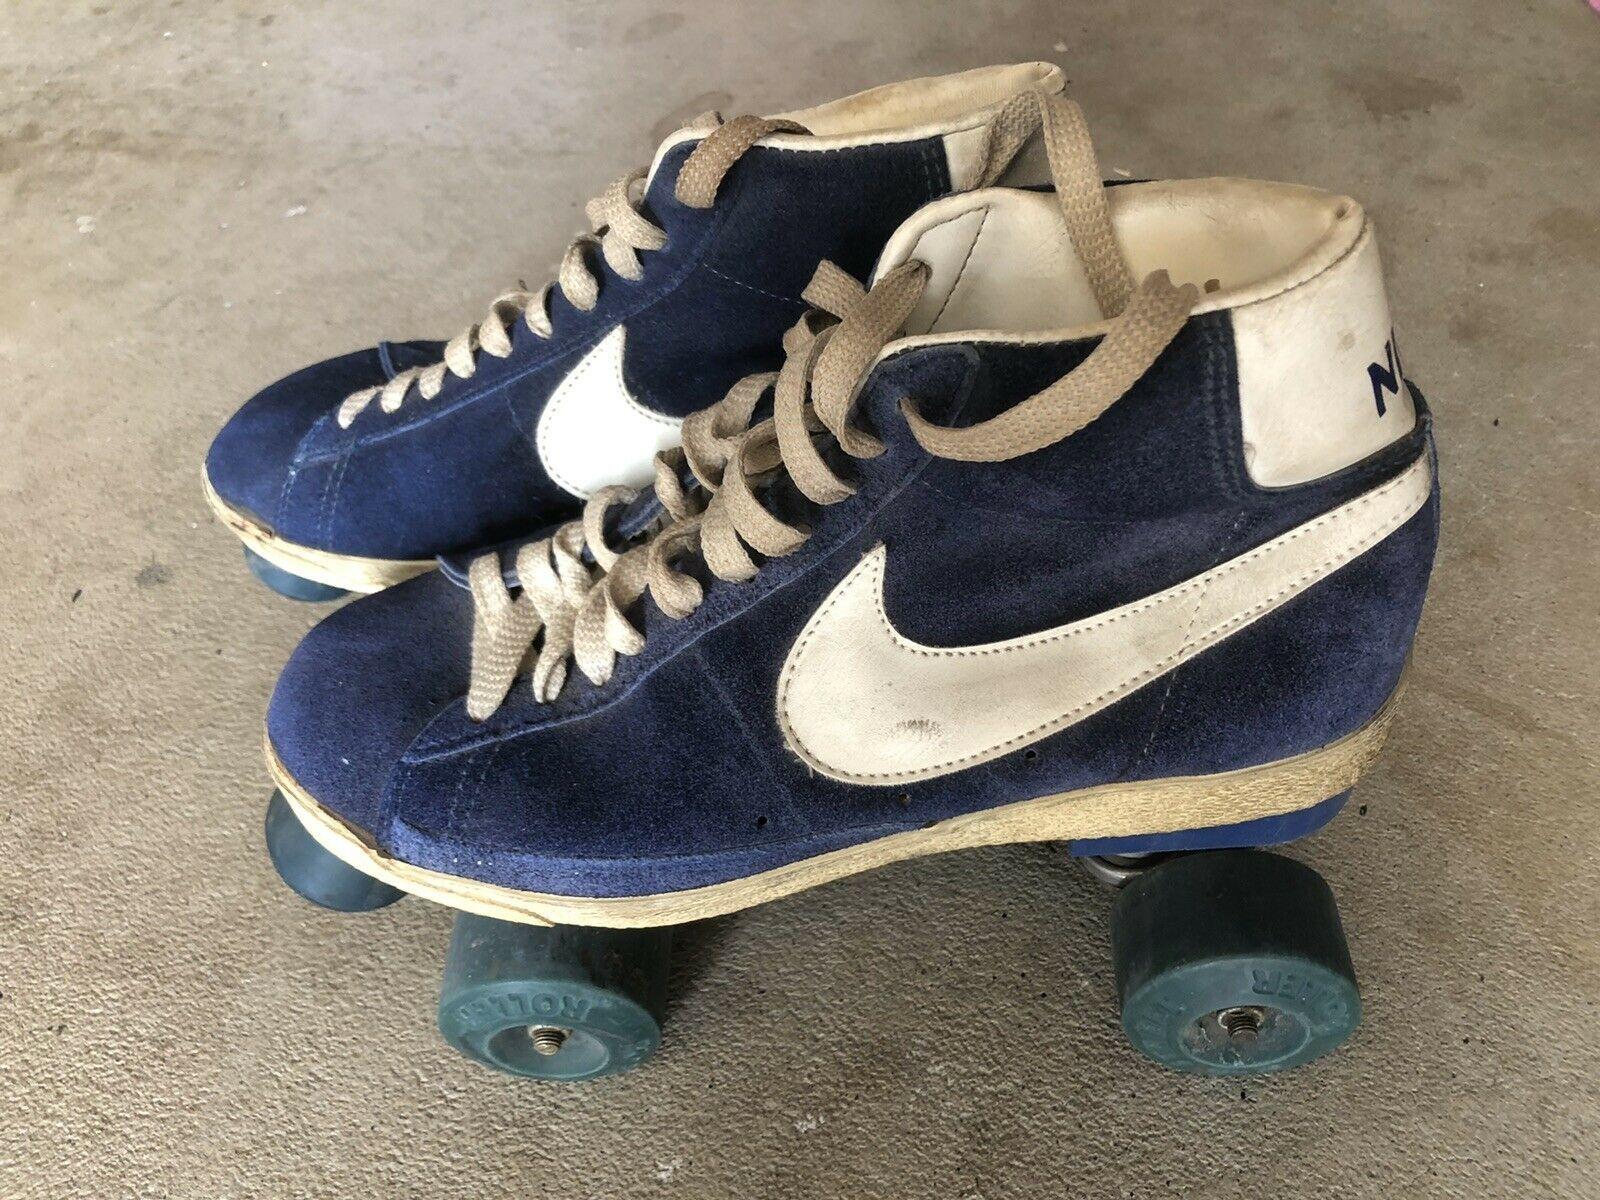 Vintage Nike Roller Skates Ebay In 2020 Roller Skates Vintage Nike Roller Skates Vintage